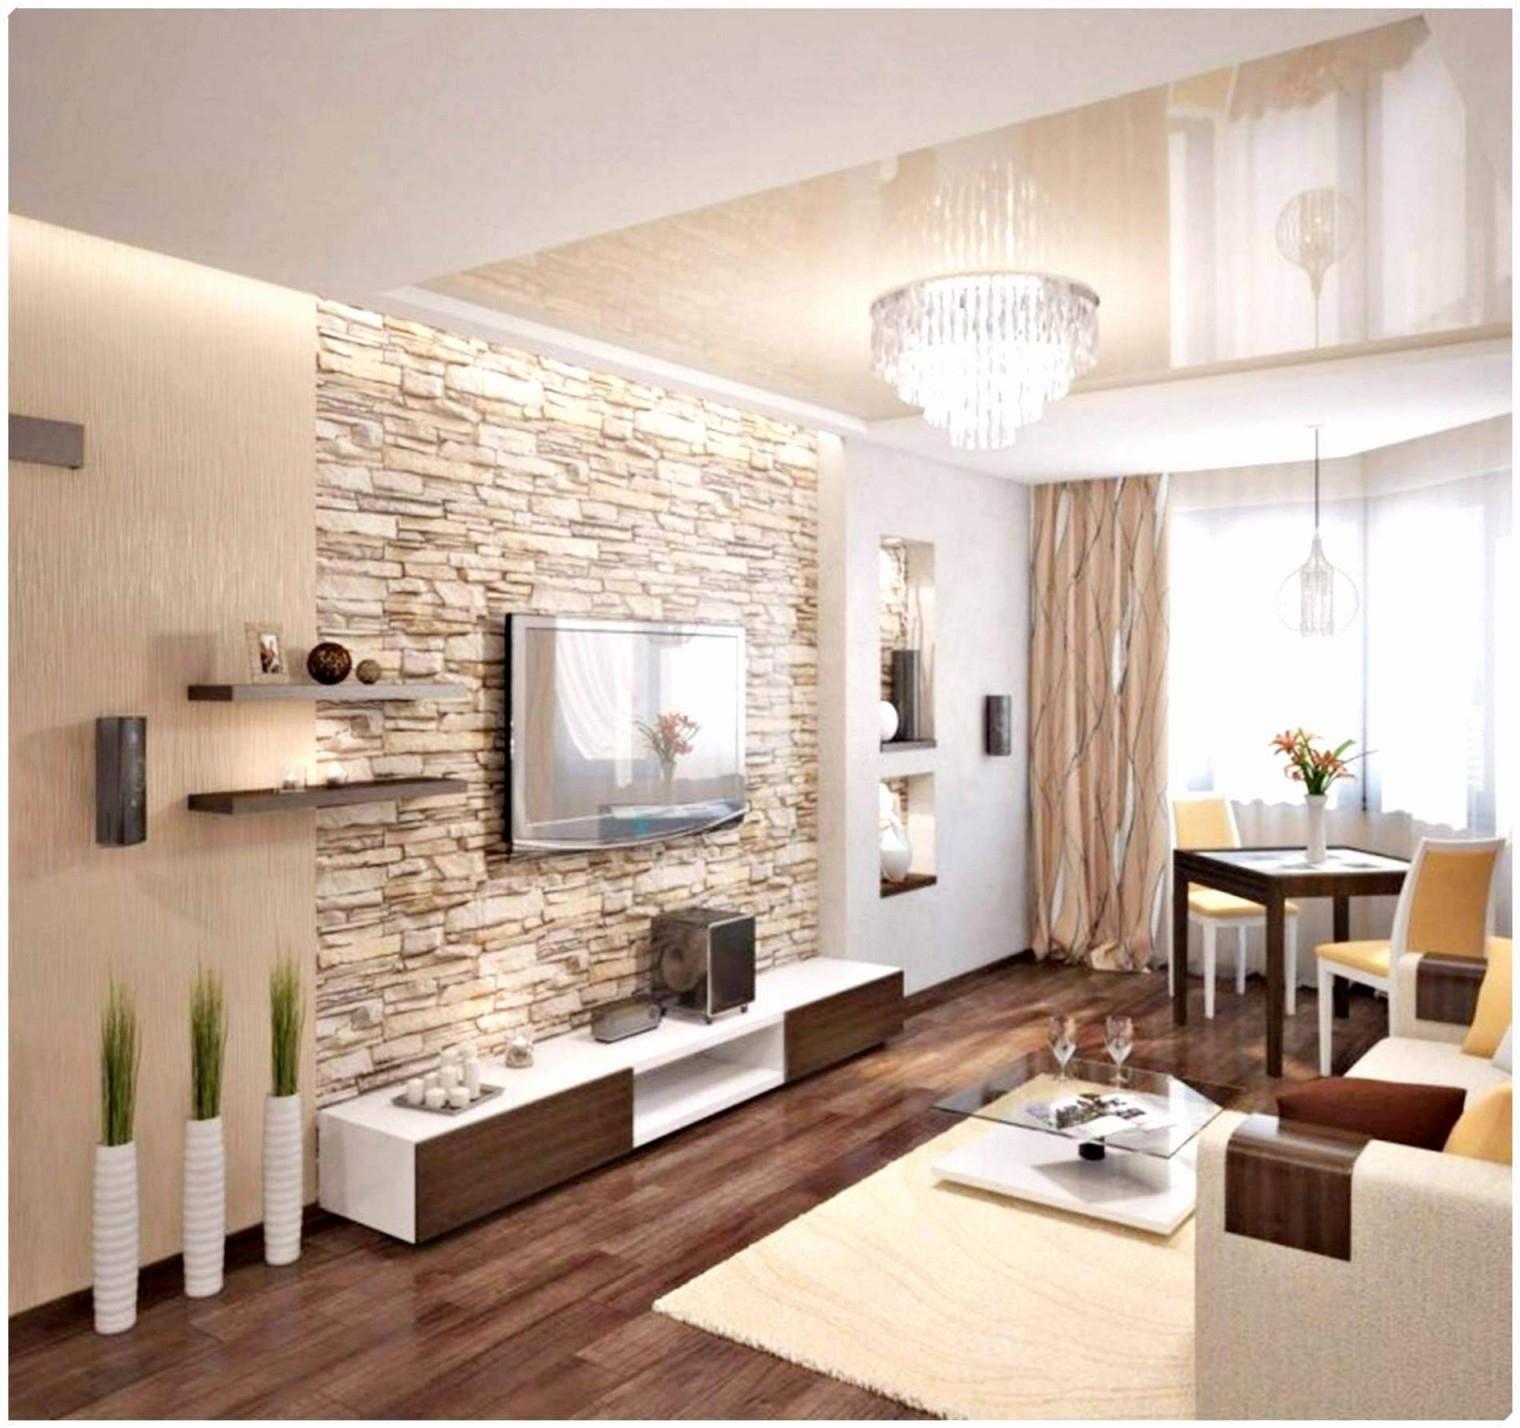 37 Neu Wohnzimmer Farben Ideen Frisch  Wohnzimmer Frisch von Farbideen Wohnzimmer Wände Ideen Photo